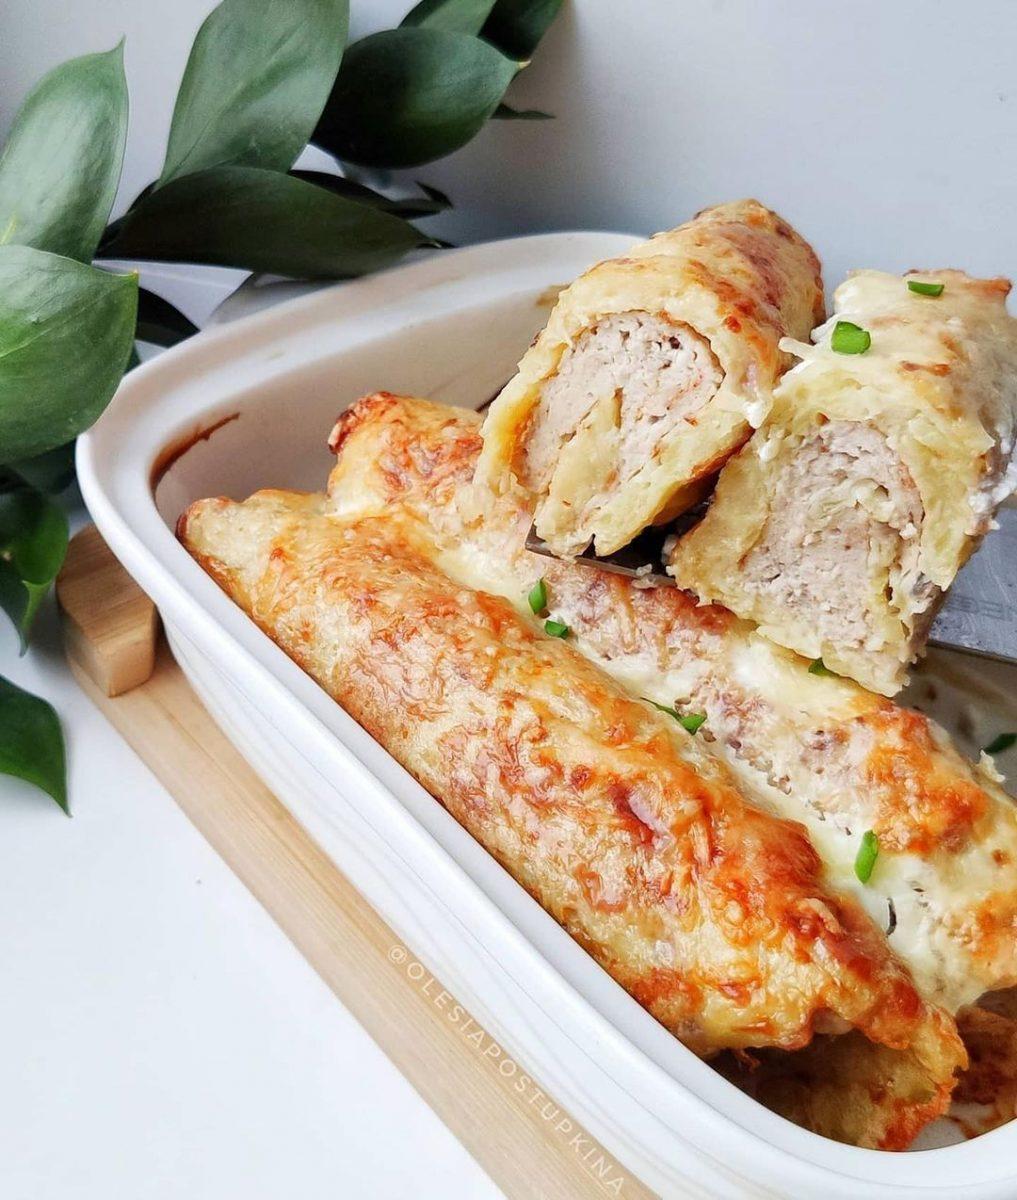 kartupeļu trubiņas ar maltās gaļas pildījumu